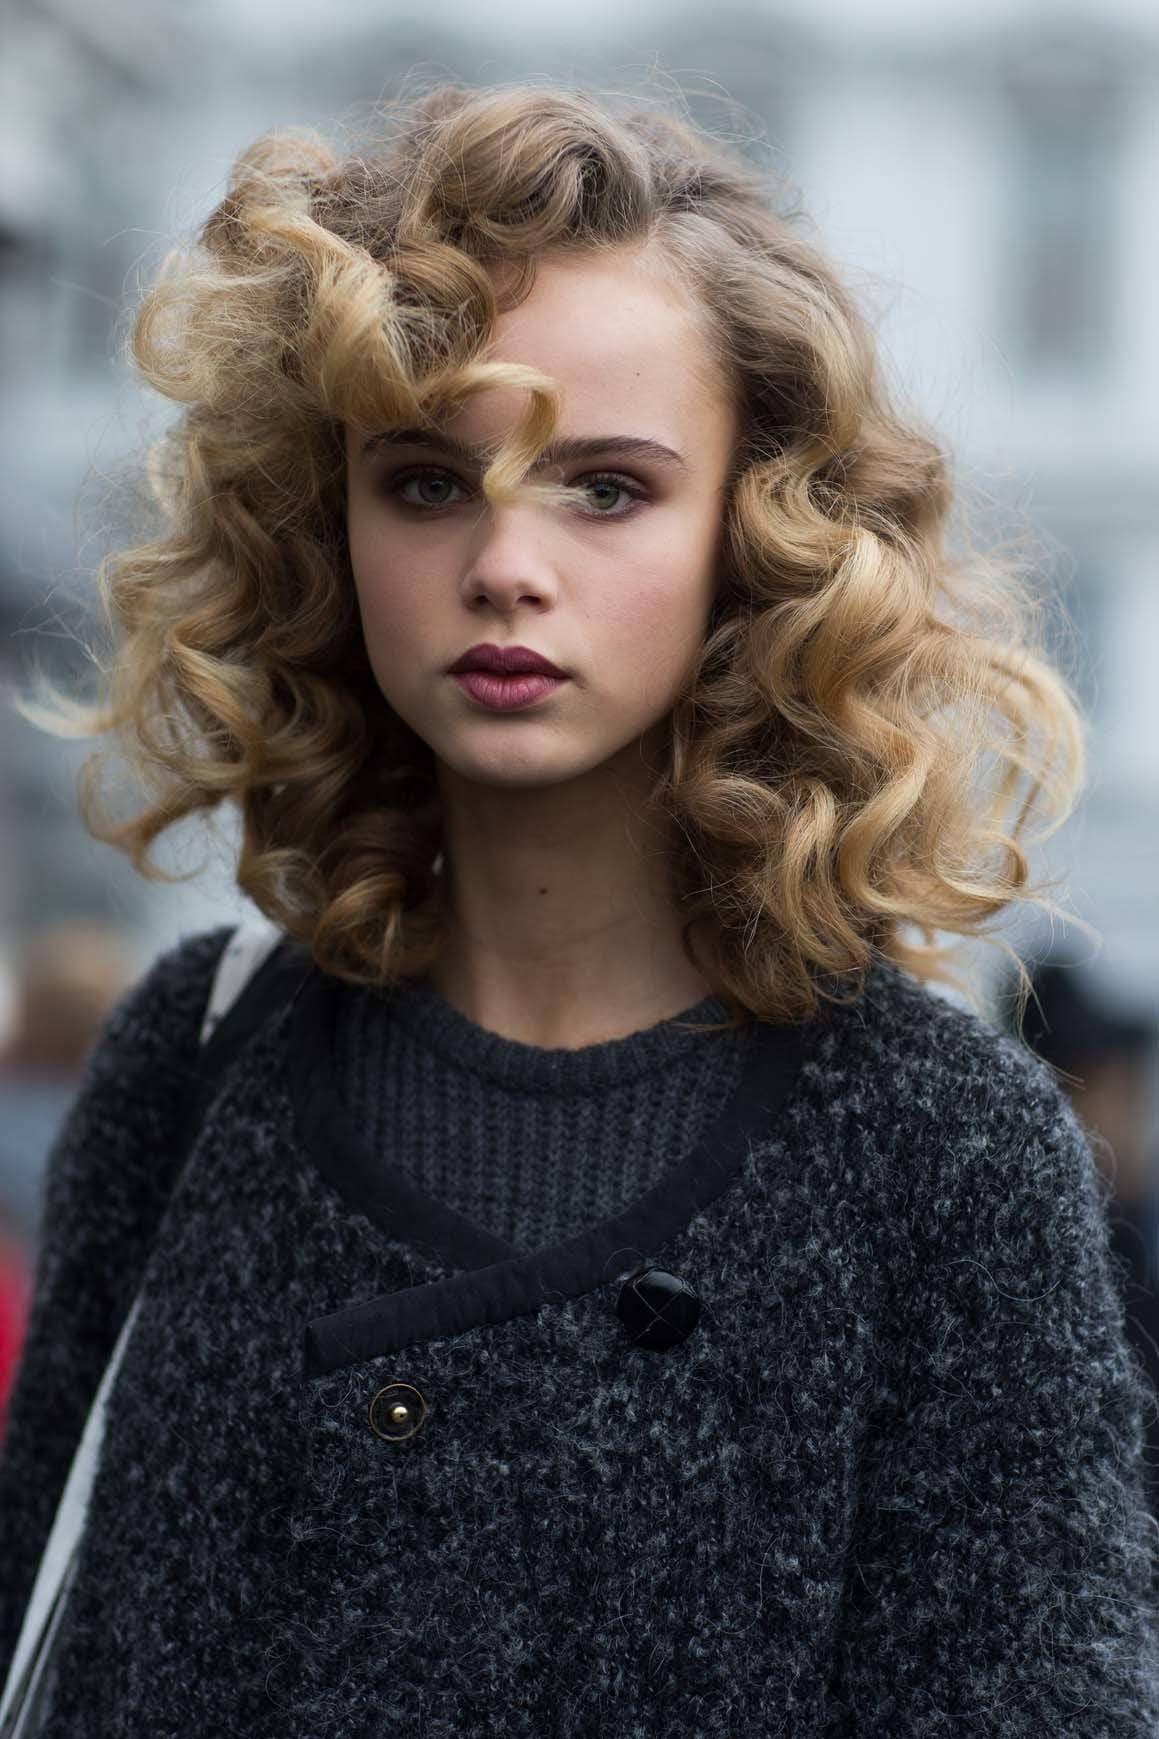 12 Model rambut keriting pendek yang chic | All Things ...